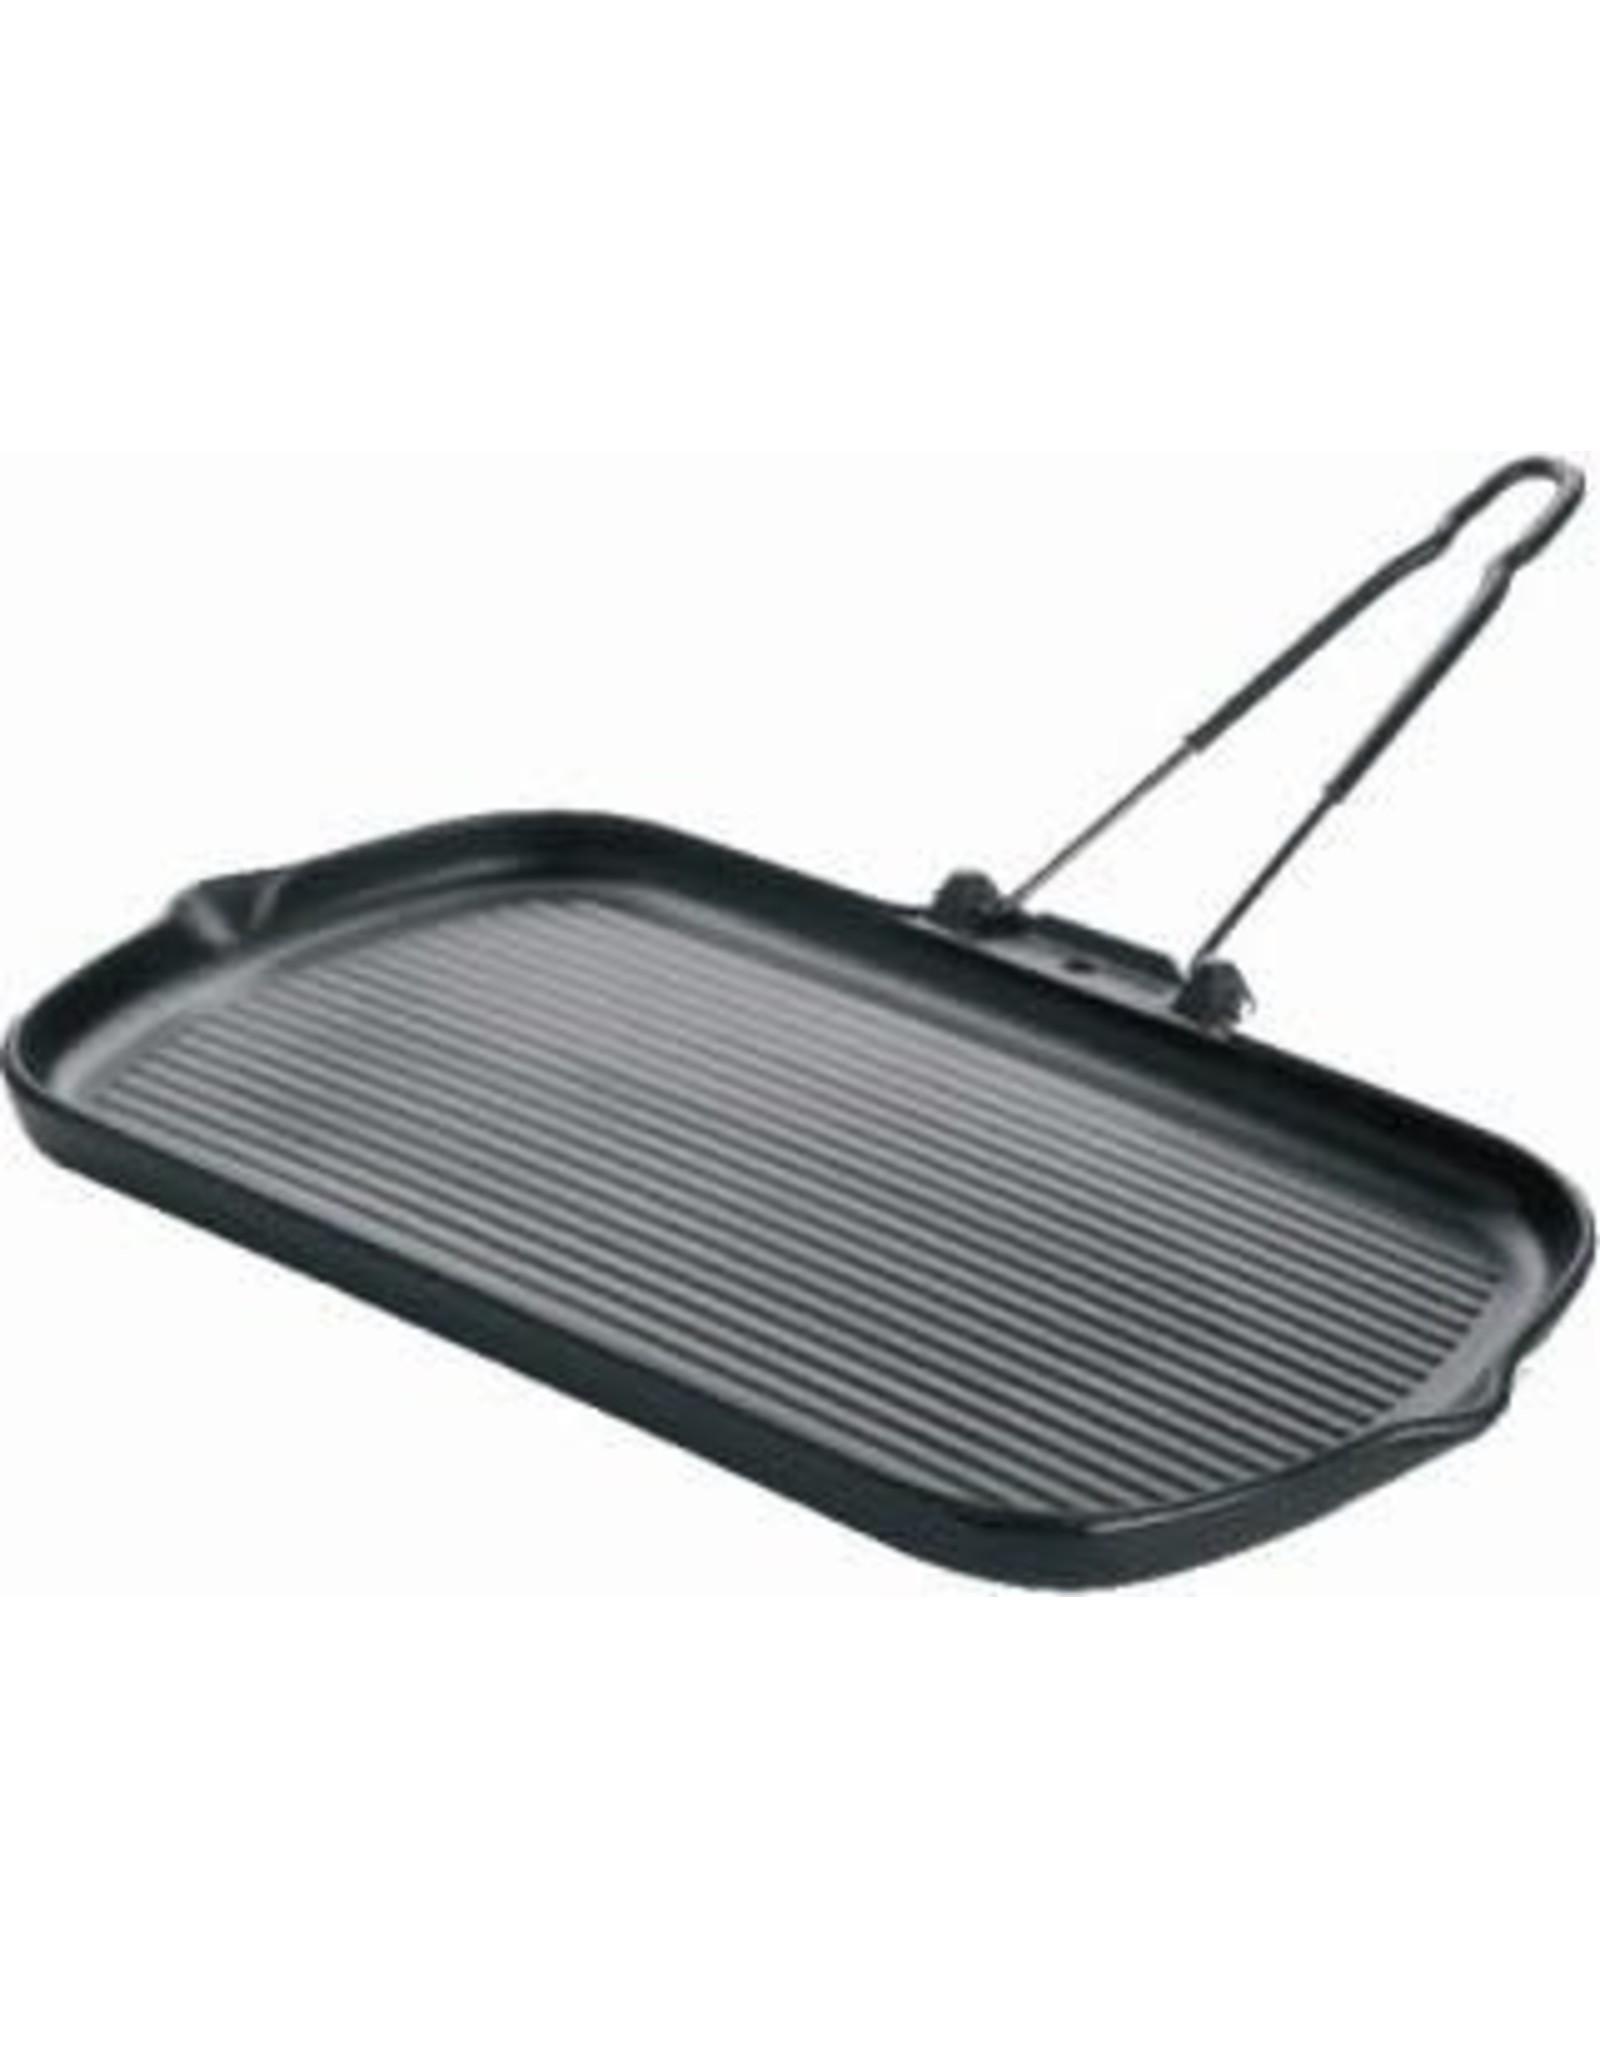 Chasseur Grillplaat 37,5x22,5cm geëmailleerd gietijzer zwart